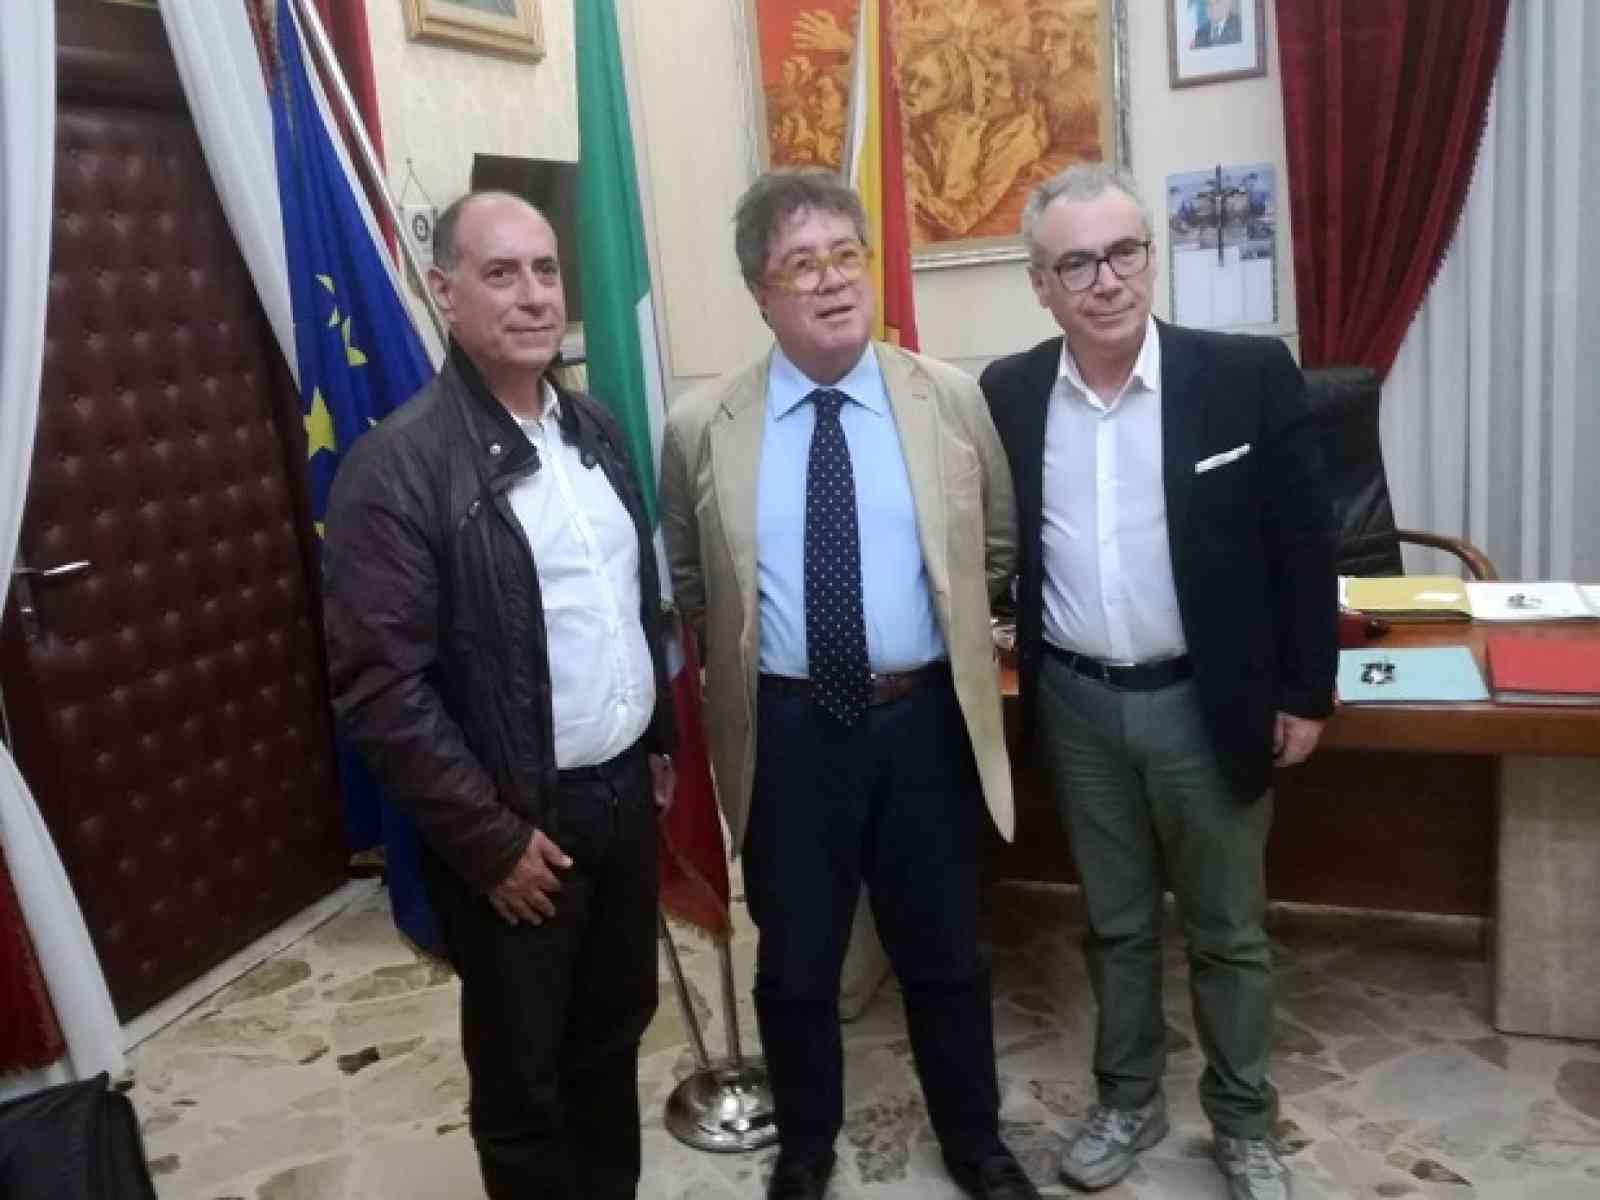 """Immagine articolo: Il Museo della preistoria e c/da Stretto saranno inglobati nel Parco di Selinunte.Catania: """" Rilanciare l'offerta turistica dei beni culturali di Partanna"""""""